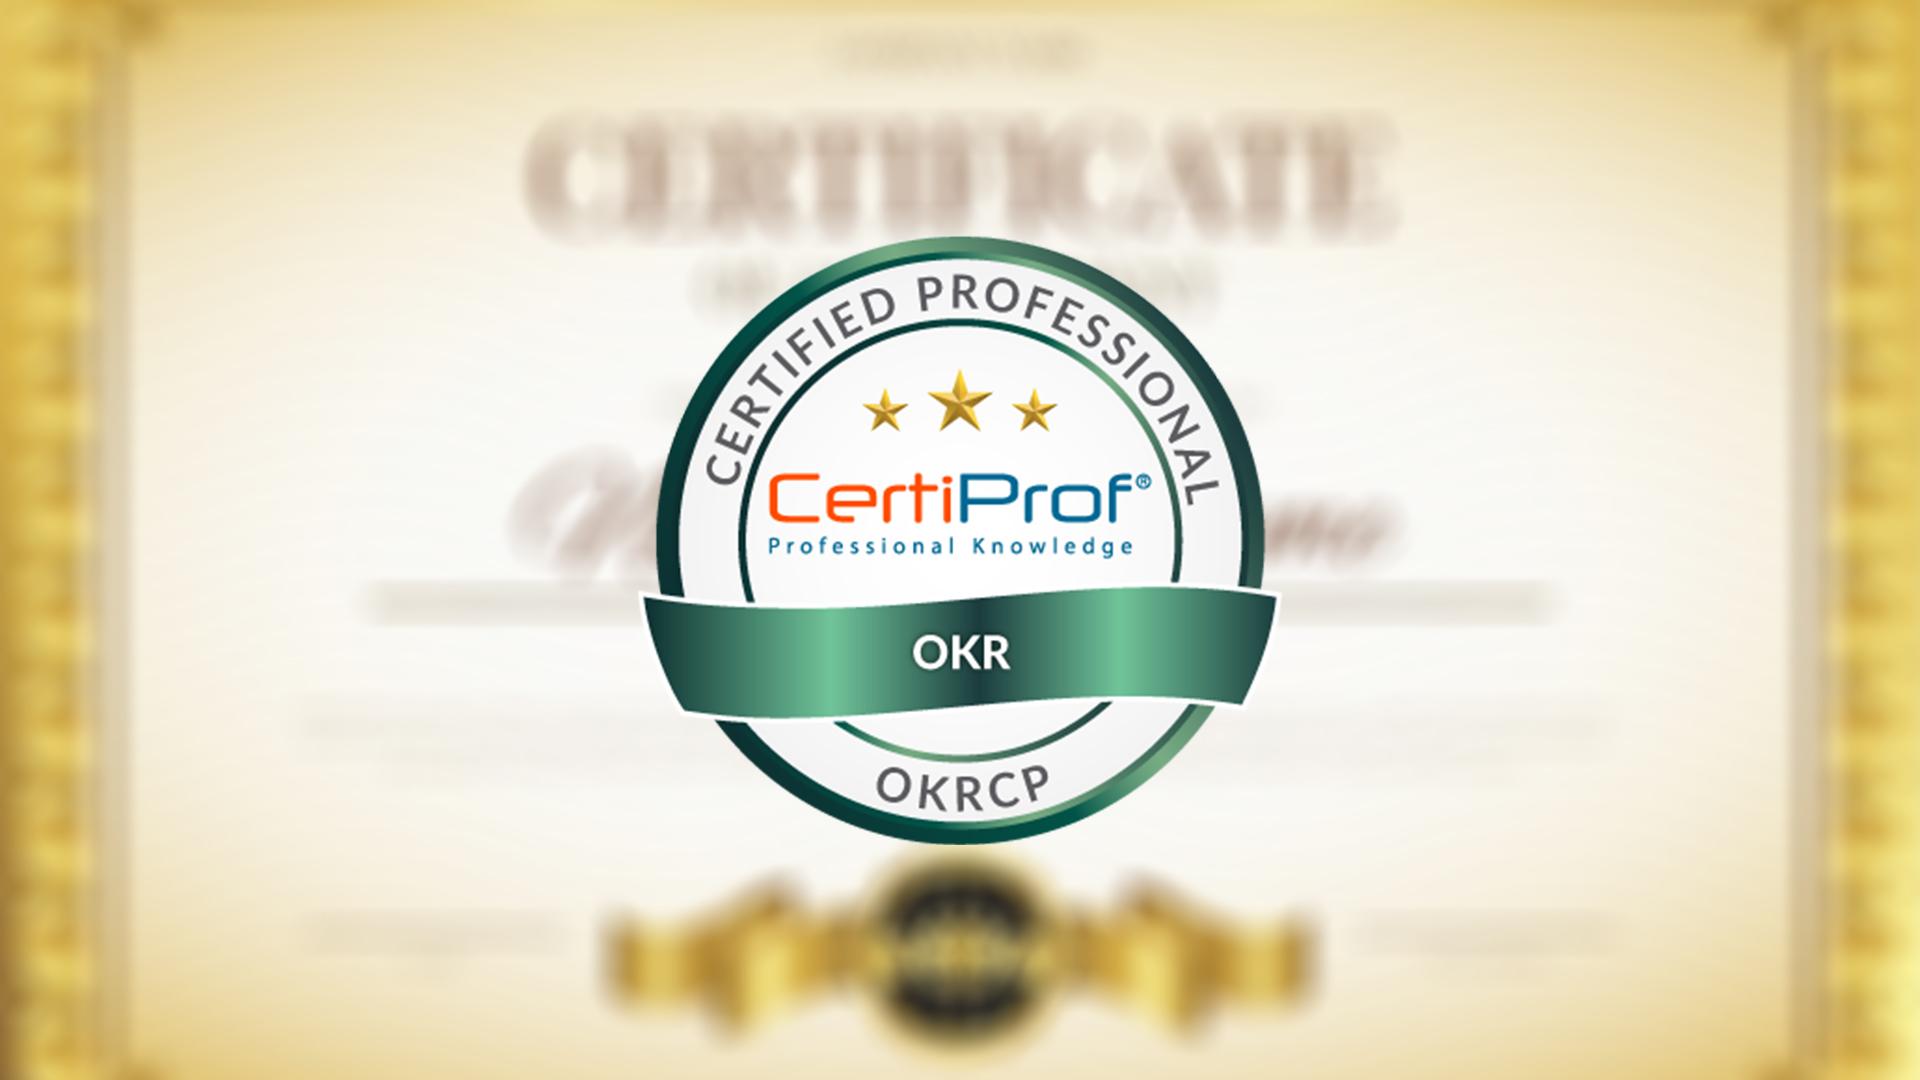 Curso Online Preparatório OKRCP CertiProf